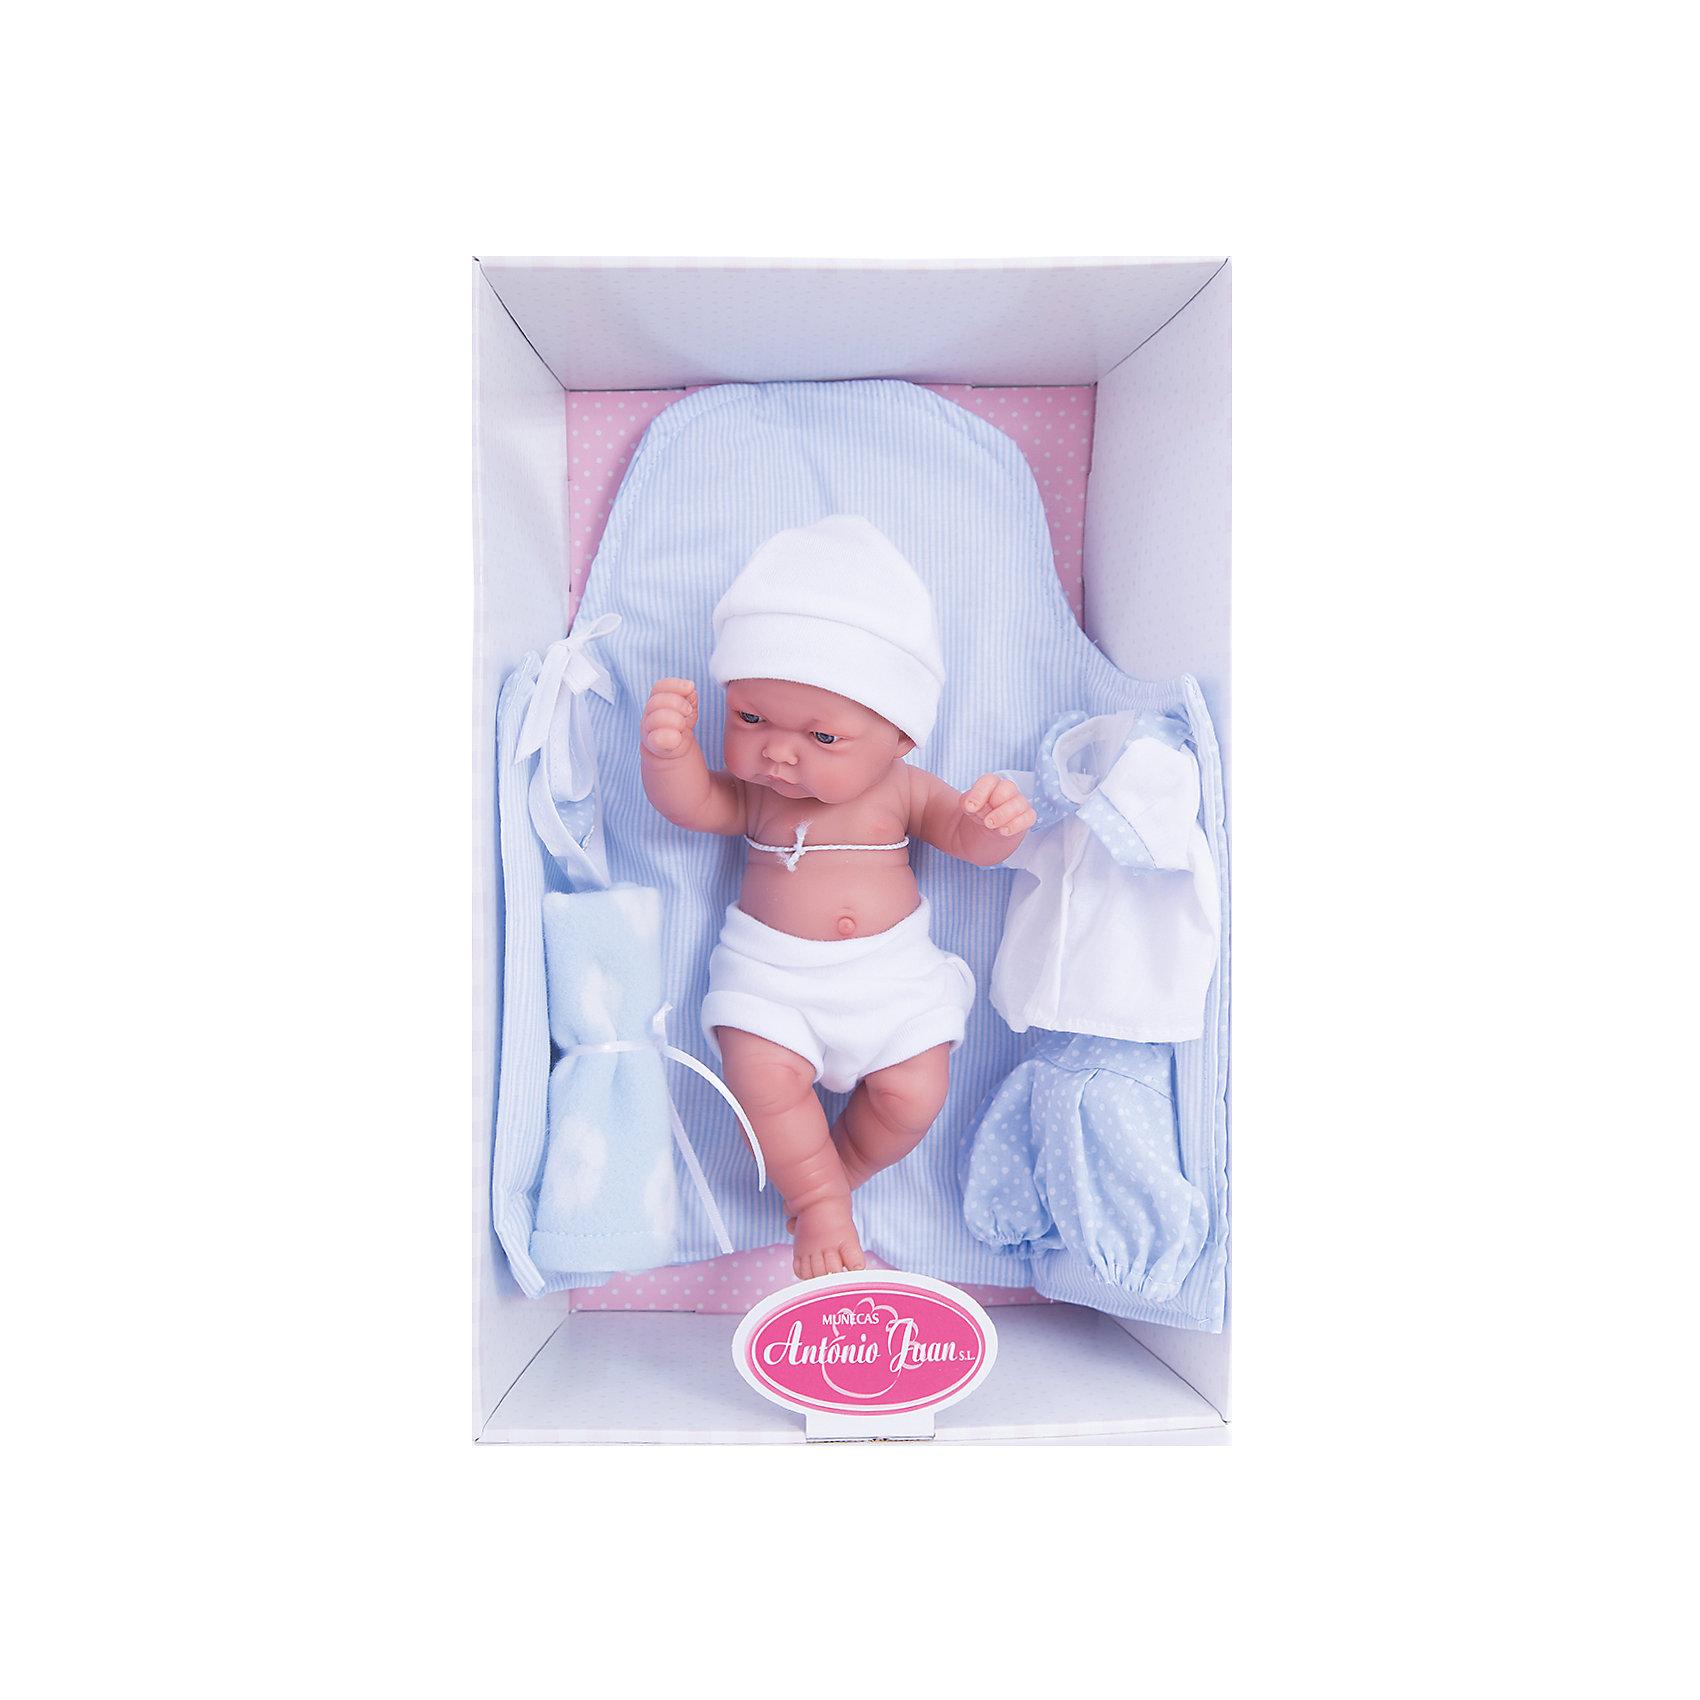 Кукла-младенец Карлос, 26 см, Munecas Antonio JuanКлассические куклы<br>Кукла-младенец Карлос, 26 см, Munecas Antonio Juan (Мунекас Антонио Хуан).<br><br>Характеристики:<br><br>- Комплектация: кукла, соска, комплект для пеленания<br>- Материал: винил, текстиль<br>- Высота куклы: 26 см.<br>- Глаза не закрываются<br>- Упаковка: яркая подарочная коробка<br><br>Малыш Карлос невероятно похож на настоящего младенца. Анатомическая точность, с которой выполнена кукла, поражает! Выразительные глазки, маленький носик, нежные щечки, пухлые губки, милые «перевязочки» на ручках и ножках придают кукле реалистичный вид и вызывают только самые положительные и добрые эмоции. Карлос одет в белые детские трусики и мягкую шапочку, но его можно также нарядить в одежду из набора: нежно-голубые шортики в горошек, белую кофточку на пуговичках с воротничком. Дополнительно в комплекте с куклой предусмотрены: голубой конверт с завязками, мягкая пеленка и нагрудник для кормления. Кукла изготовлена из высококачественного винила с покрытием софт тач, мягкого и приятного на ощупь. Голова, ручки и ножки подвижны. Кукла соответствует всем нормам и требованиям к качеству детских товаров. Образы малышей Мунекас разработаны известными европейскими дизайнерами. Они натуралистичны, анатомически точны.<br><br>Куклу-младенца Карлос, 26 см, Munecas Antonio Juan (Мунекас Антонио Хуан) можно купить в нашем интернет-магазине.<br><br>Ширина мм: 35<br>Глубина мм: 20<br>Высота мм: 12<br>Вес г: 750<br>Возраст от месяцев: 36<br>Возраст до месяцев: 2147483647<br>Пол: Женский<br>Возраст: Детский<br>SKU: 5055419